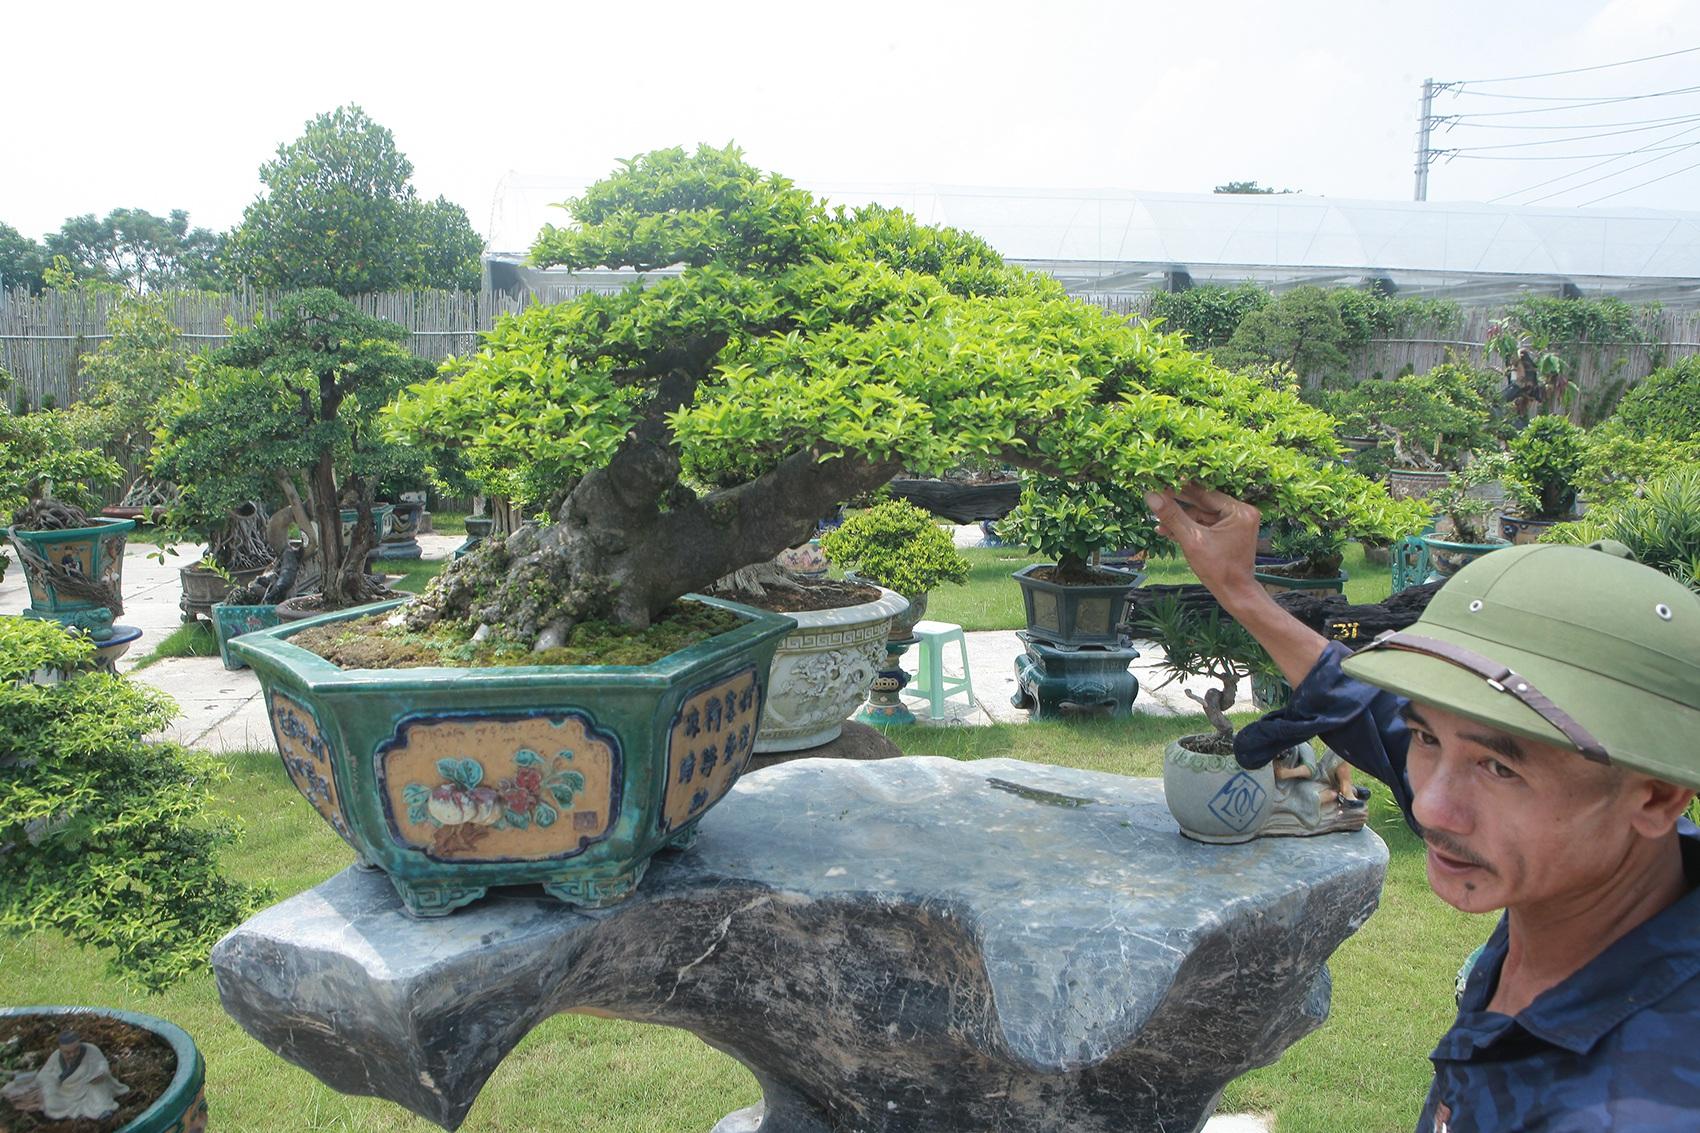 Mục sở thị khu vườn gần 1.000 cây cảnh bonsai hiếm có đất Hà Thành - 7